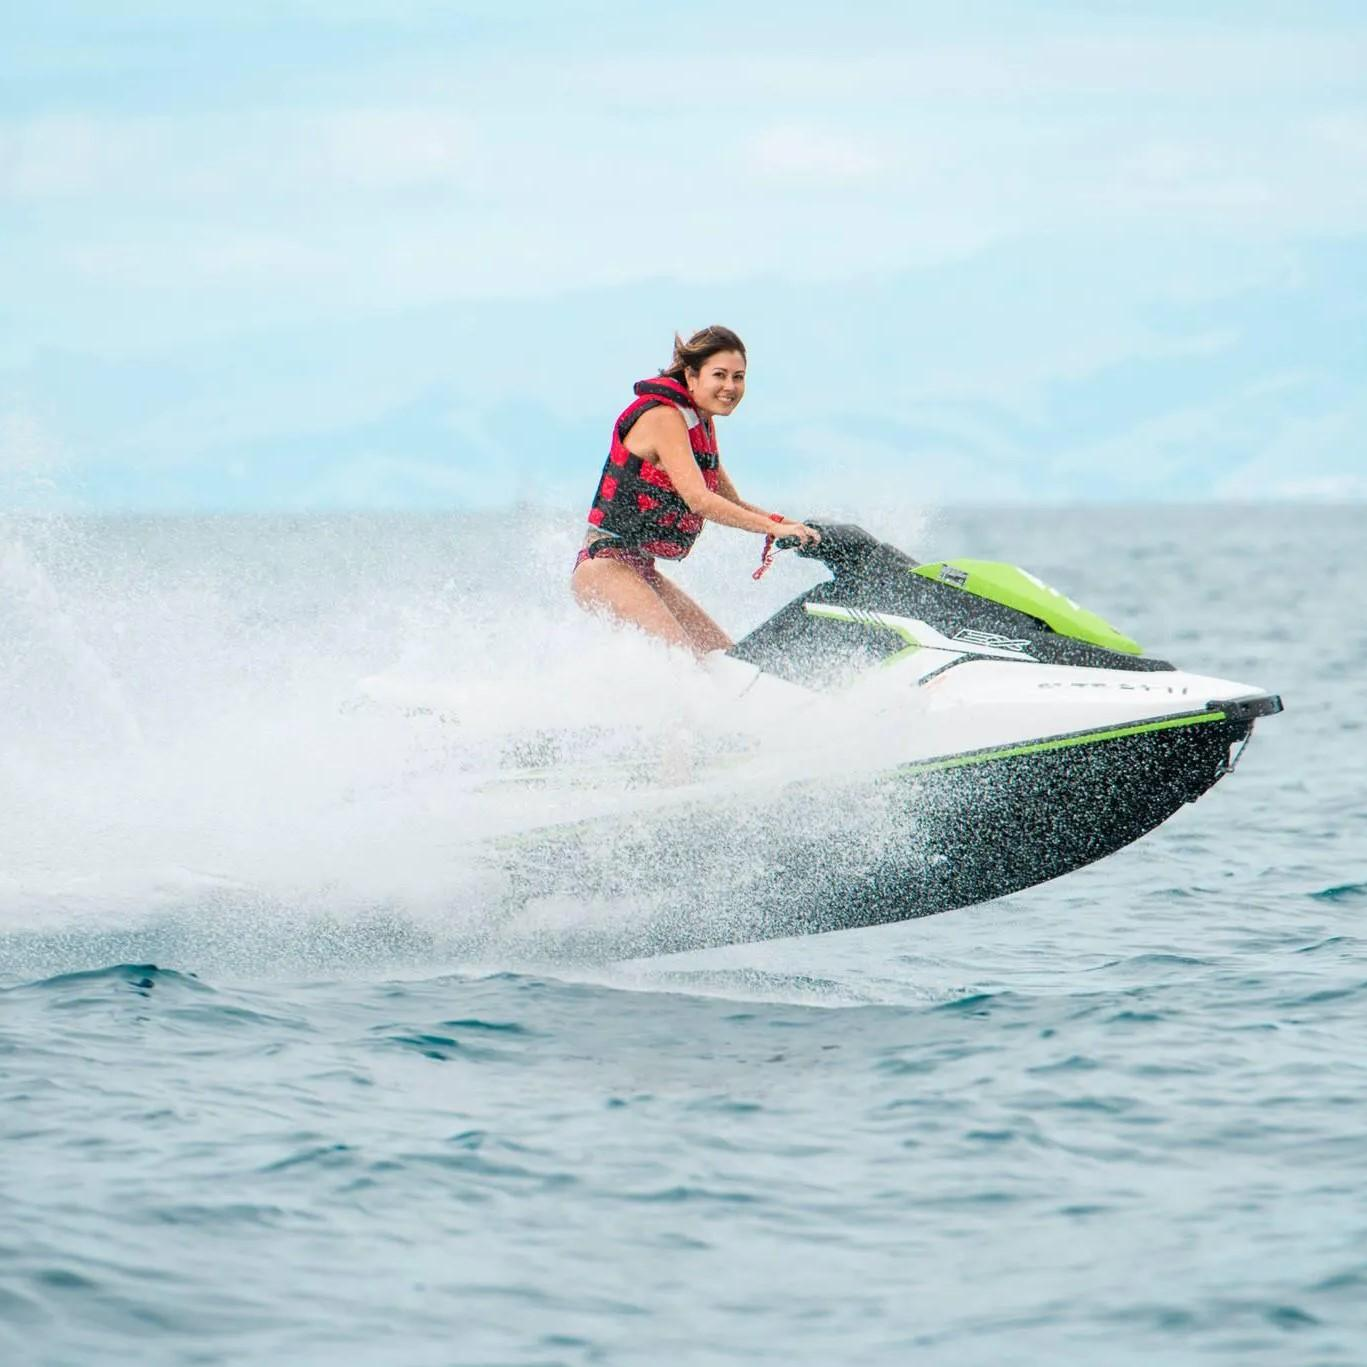 Jet Ski from Troya Beach to Torviscas Beach in Costa Adeje